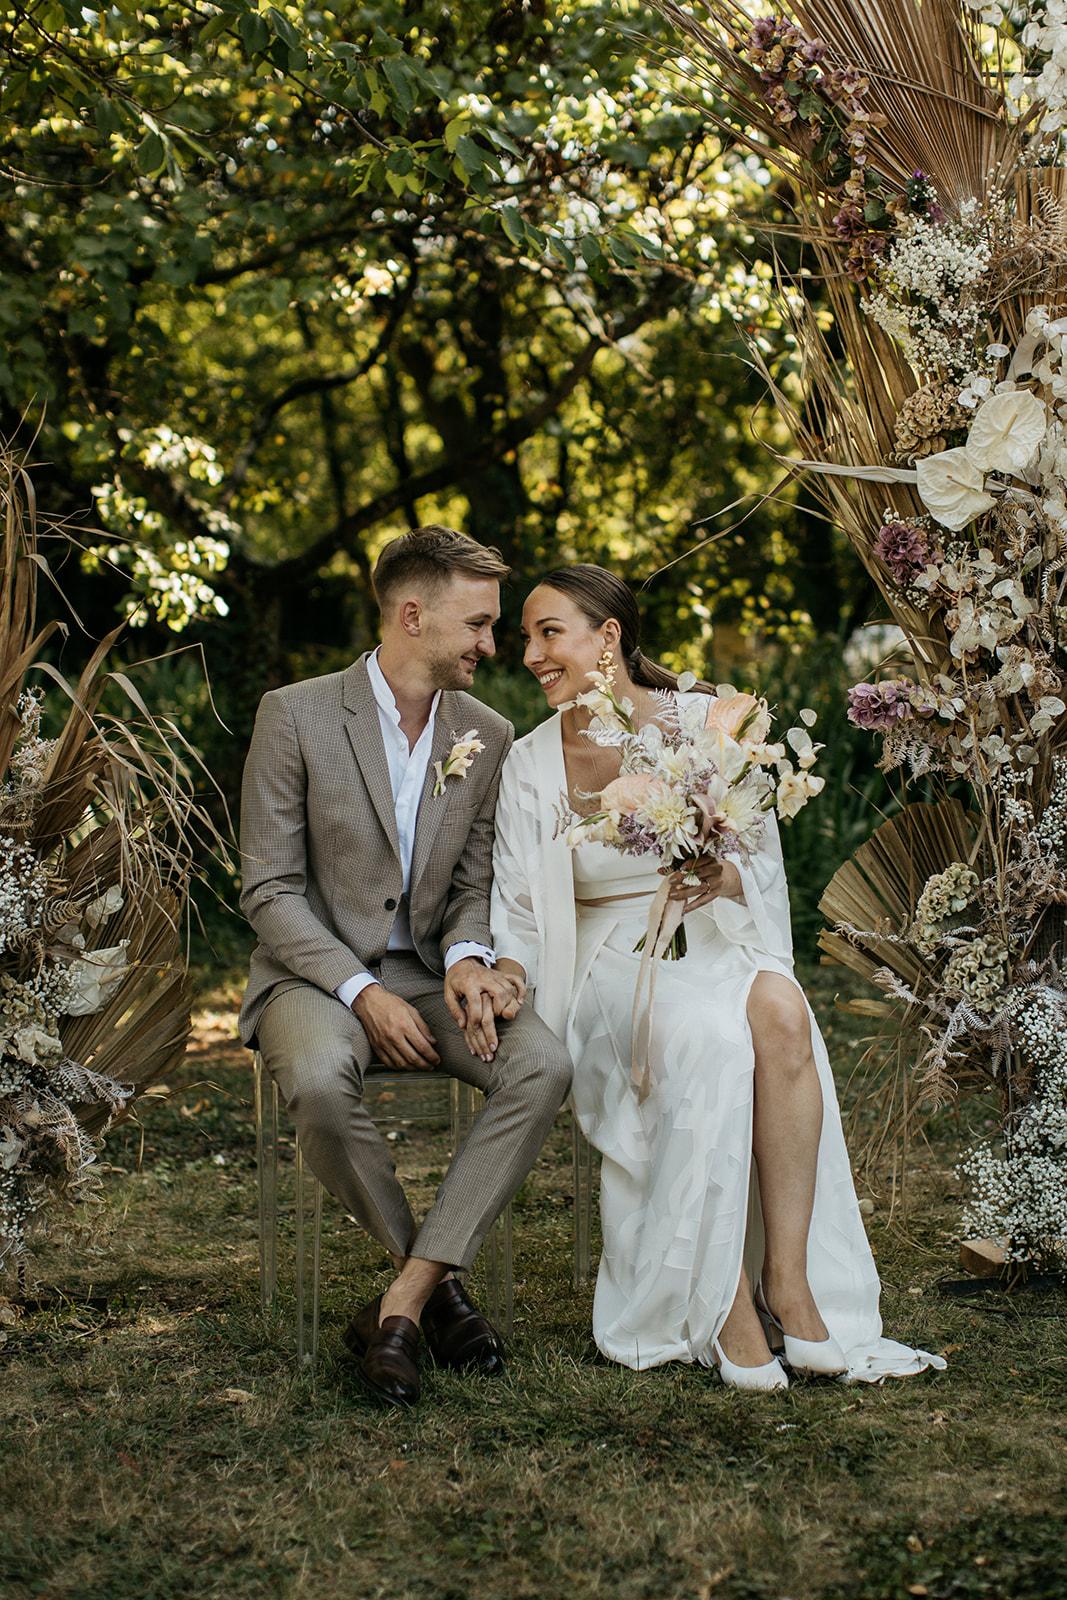 584-Lifestories-Wedding-Marylou-Chris-20